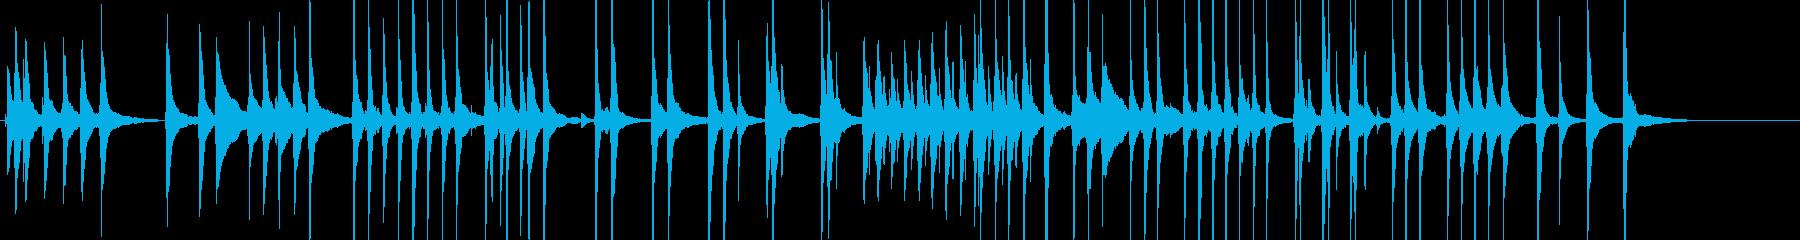 三味線65勧進帳17面白や弁慶義経山伏富の再生済みの波形